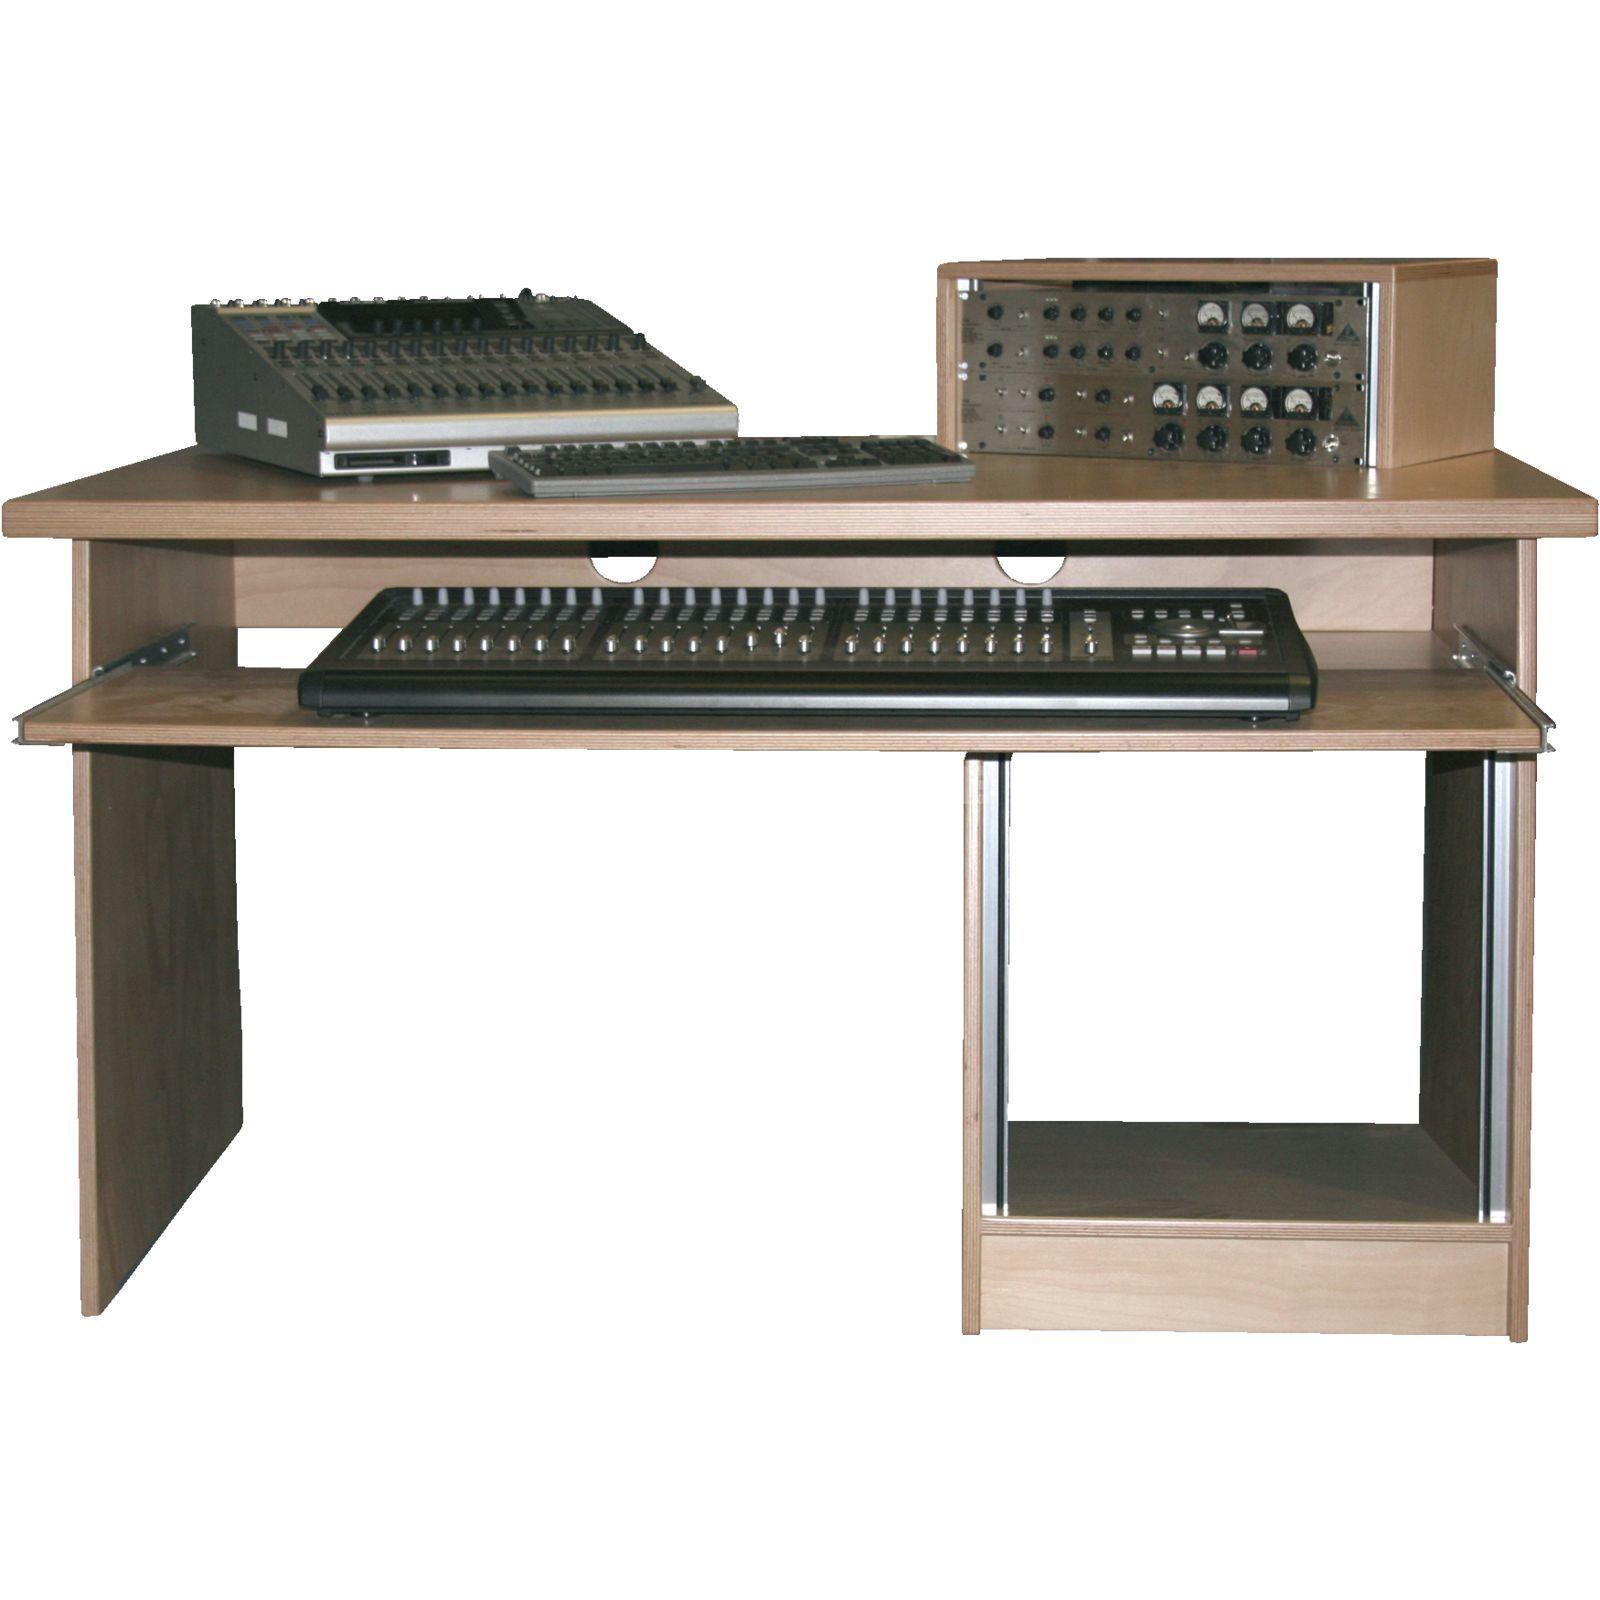 comment fabriquer un tiroir ou une tablette coulissante pour un clavier ma tre 88 notes. Black Bedroom Furniture Sets. Home Design Ideas